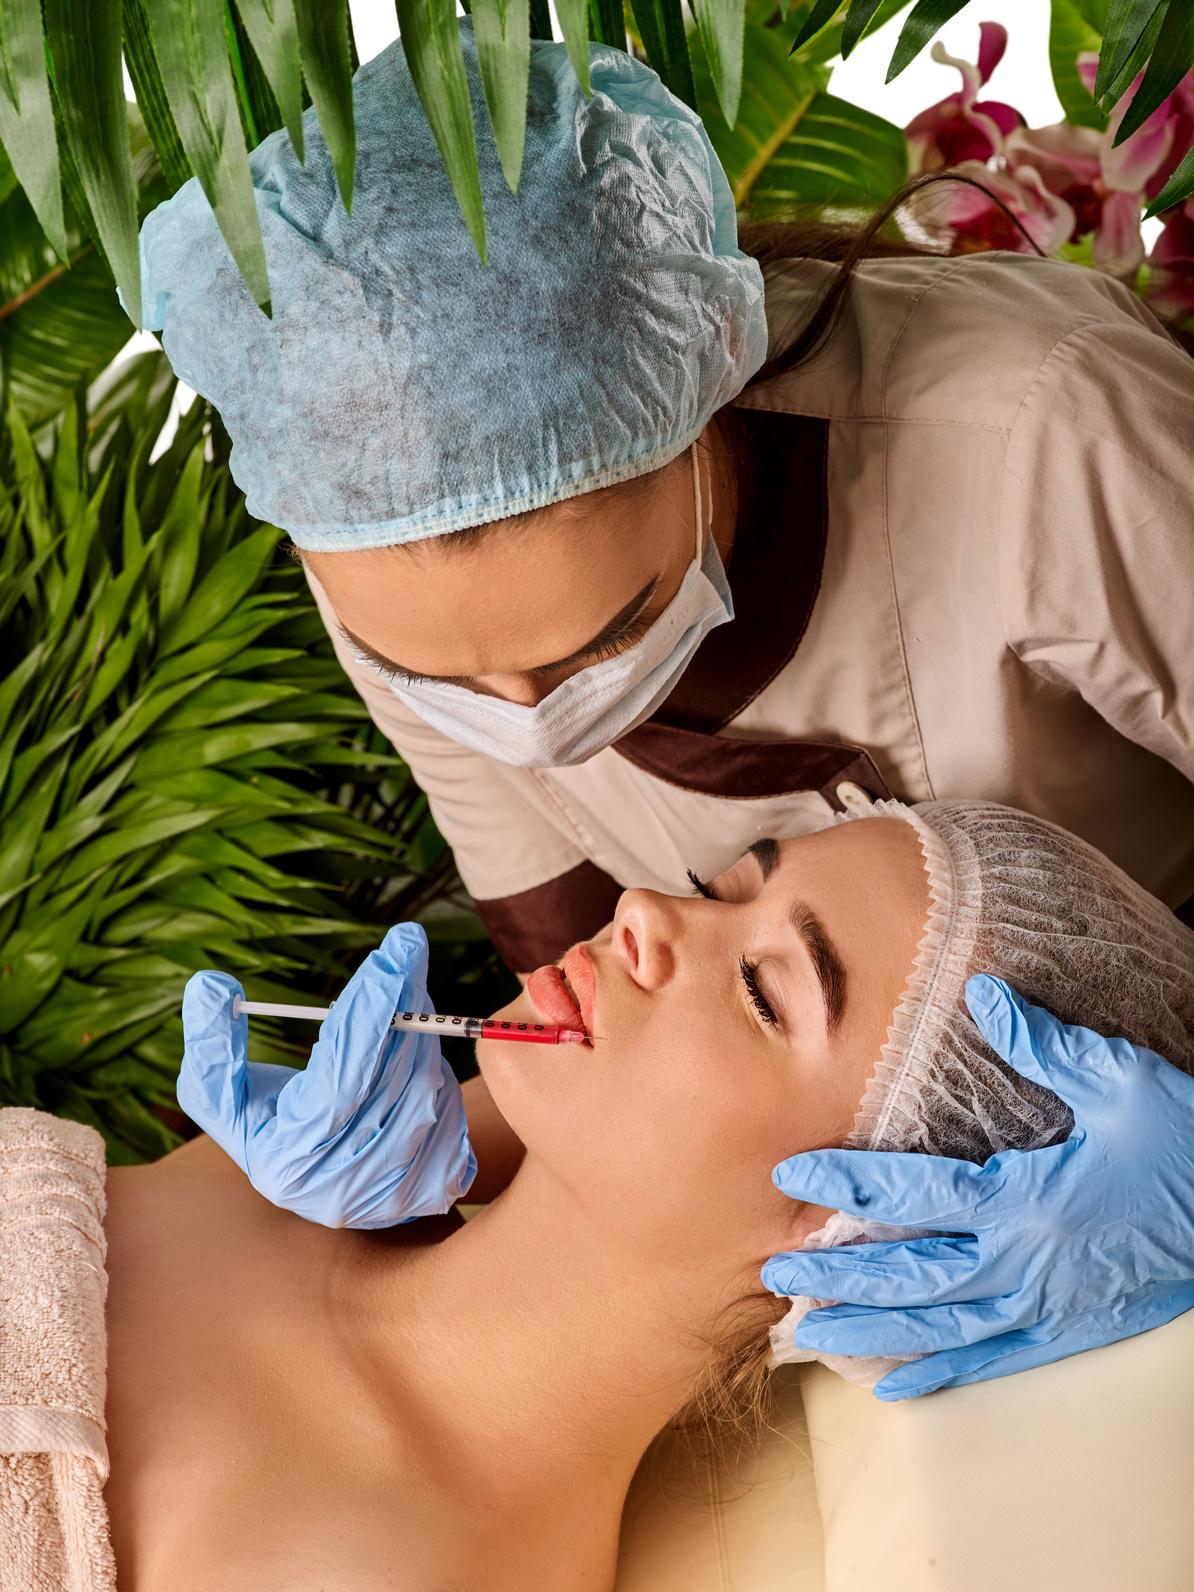 medycyna estetyczna,zabiegi ktore można wykonywać latem